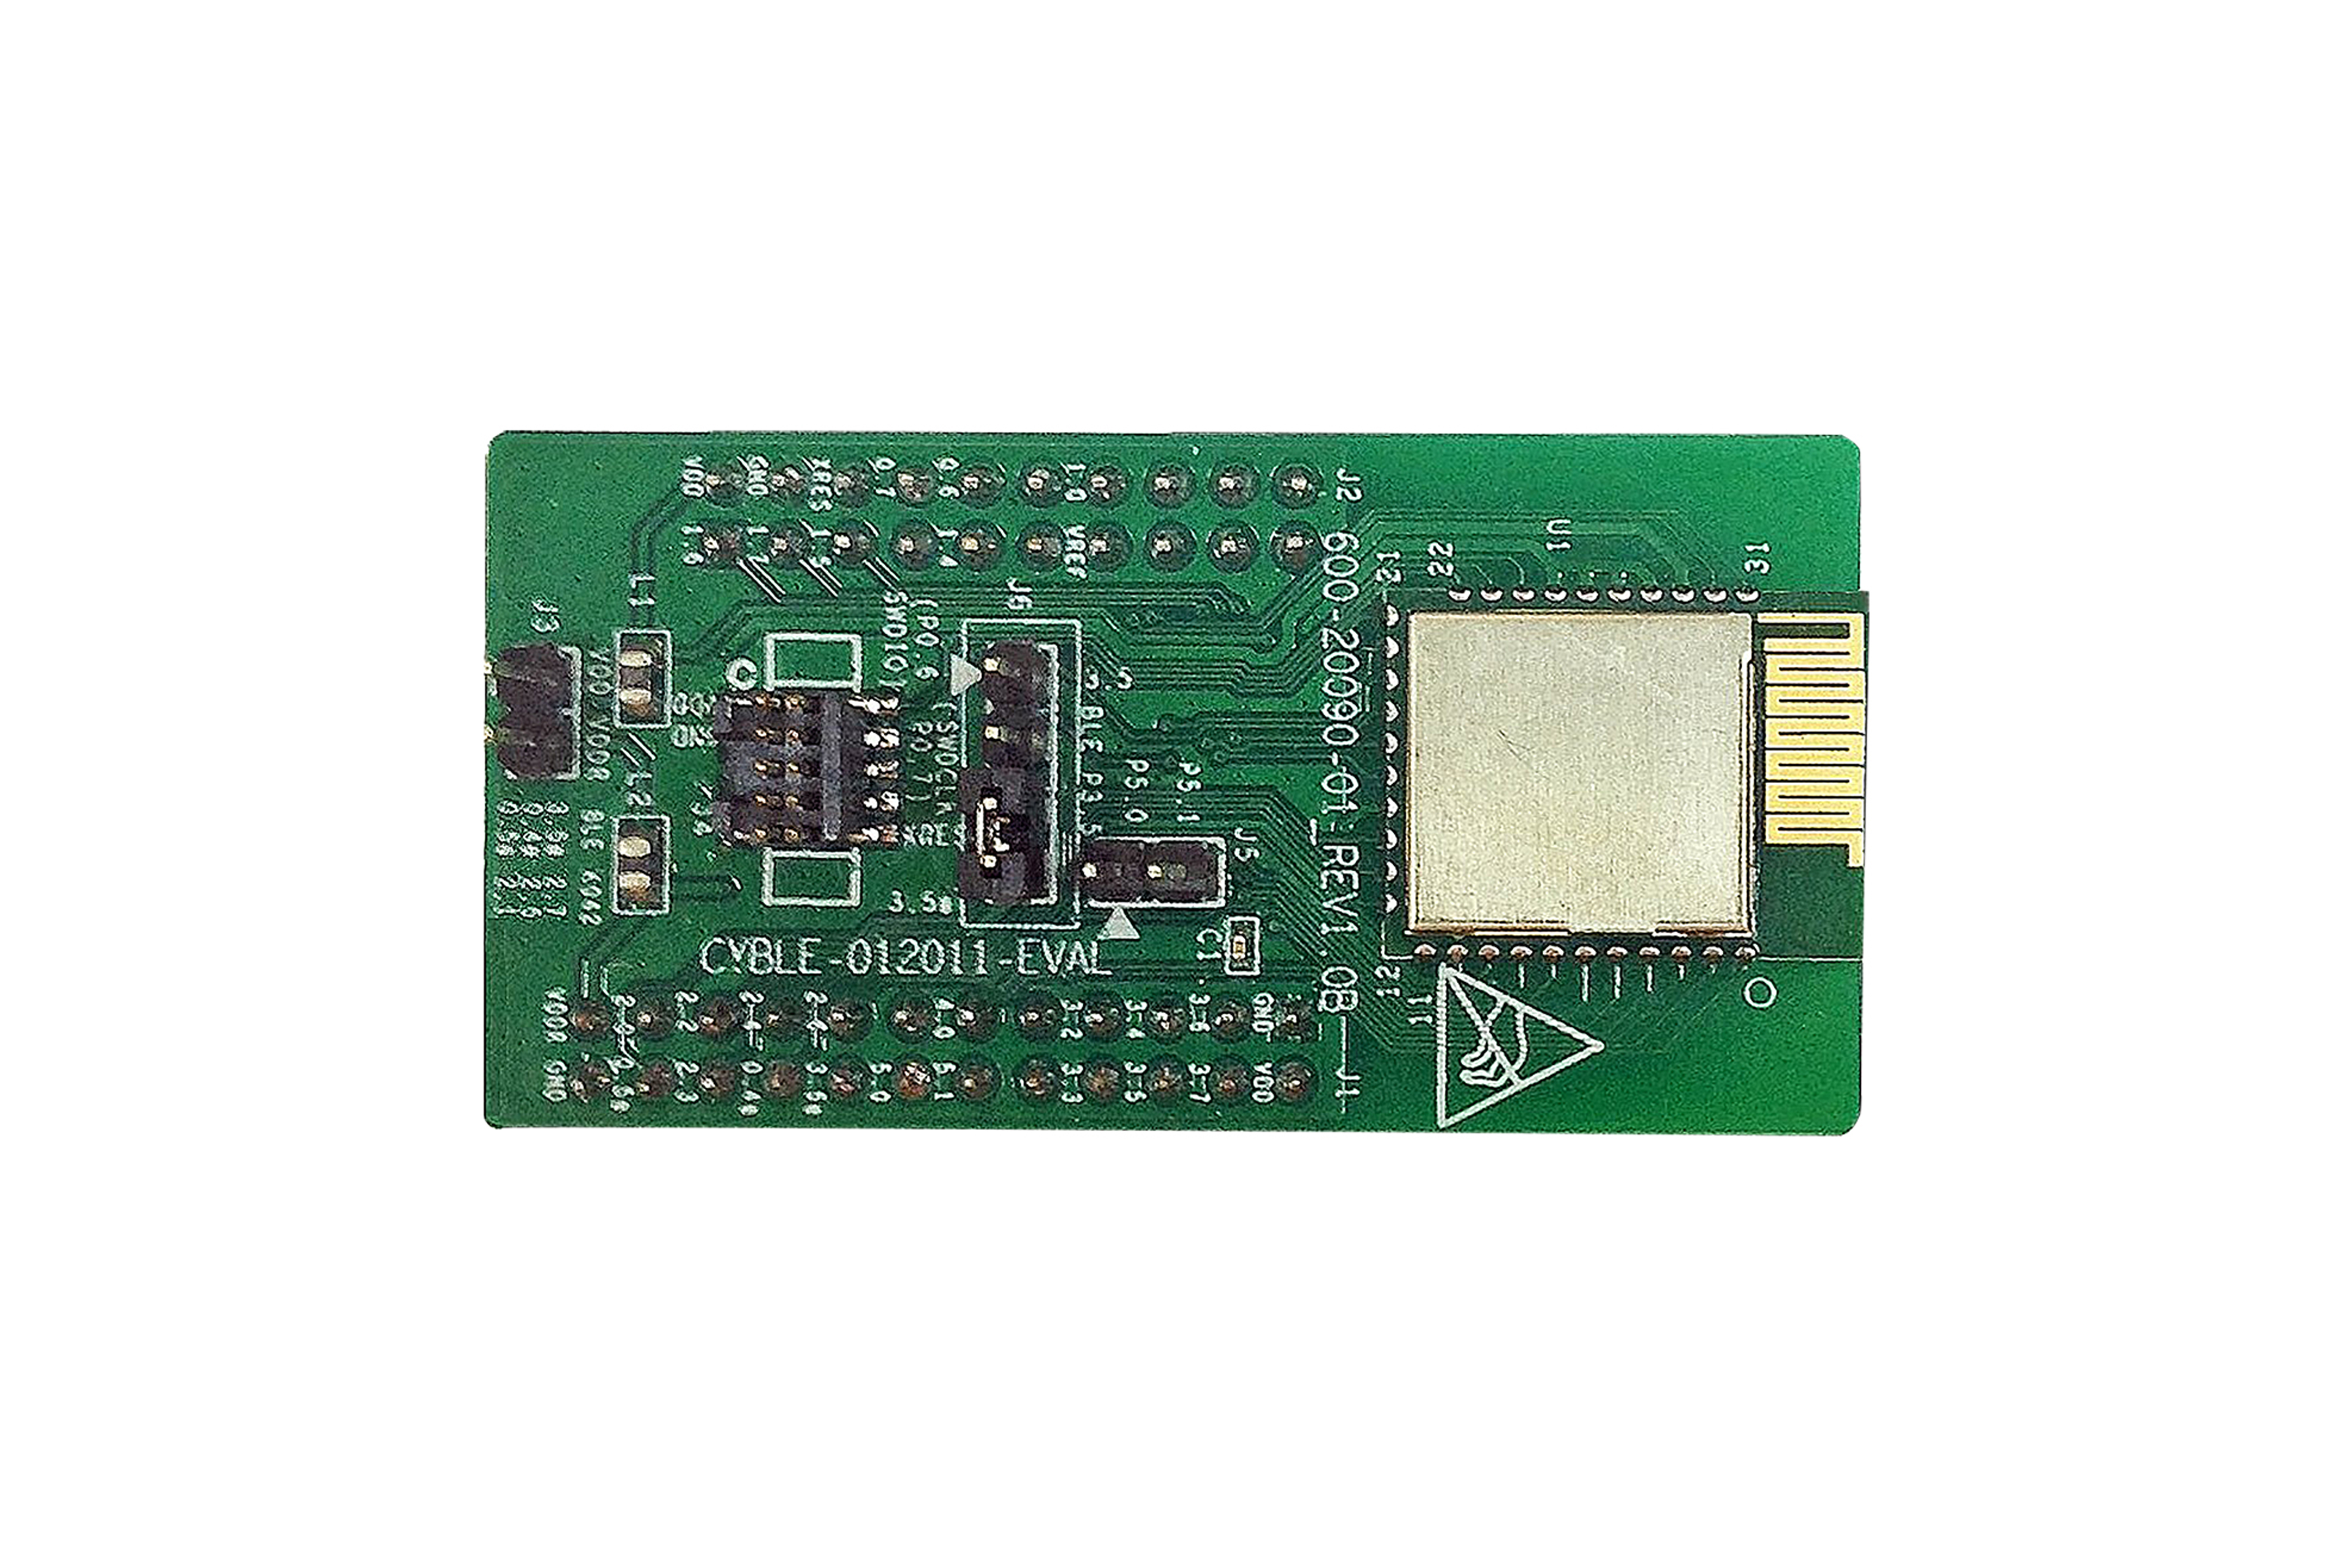 CYBLE-012011 BLE PROC 評価ボード